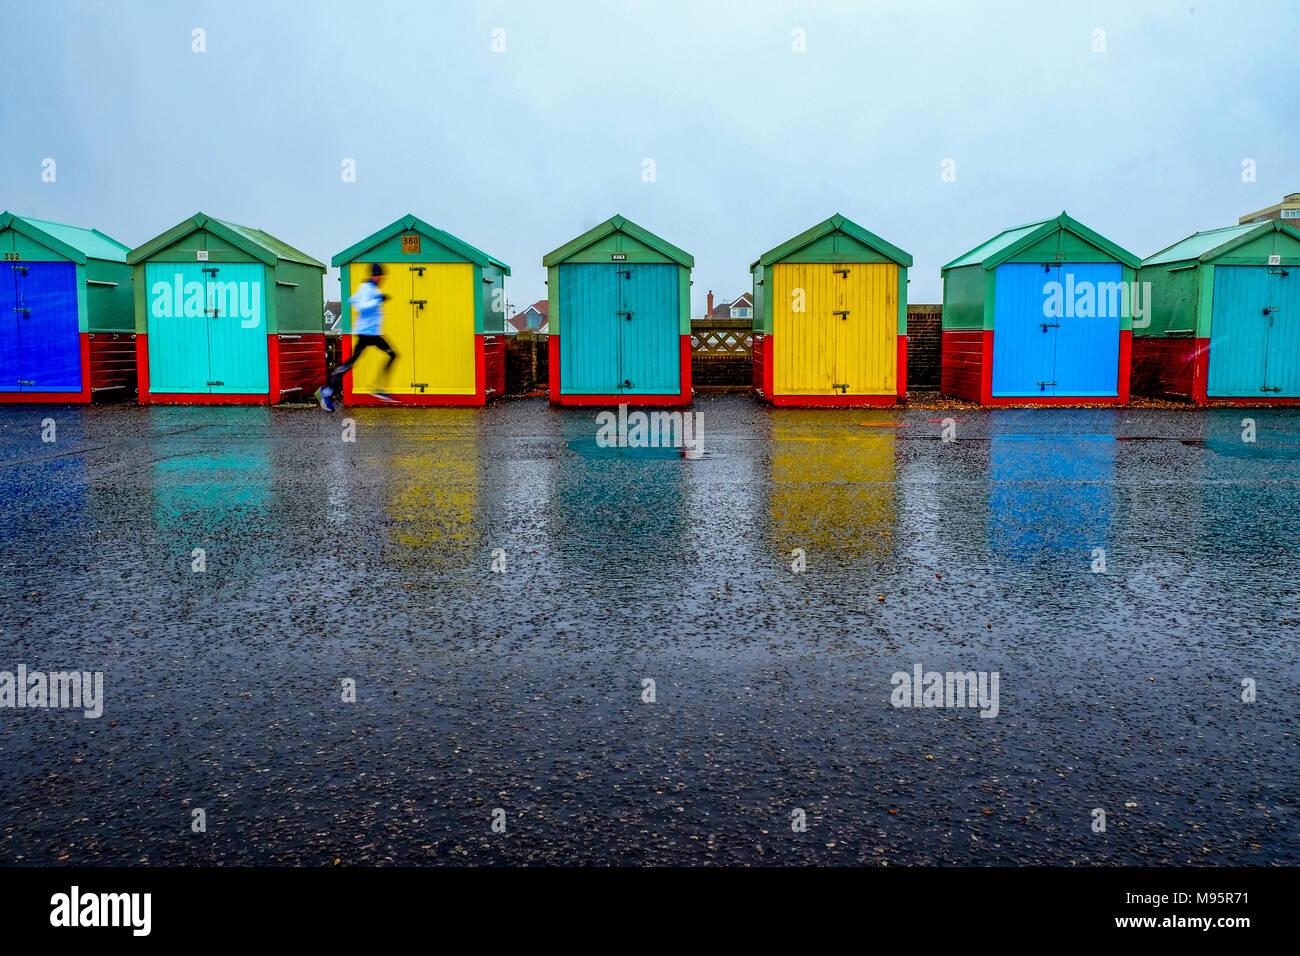 Brighton Seafront siete cabañas de playa, cinco puertas con el azul y el verde y amarillo con dos puertas las cabañas de playa se encuentran en una línea en el paseo marítimo de hormigón Imagen De Stock